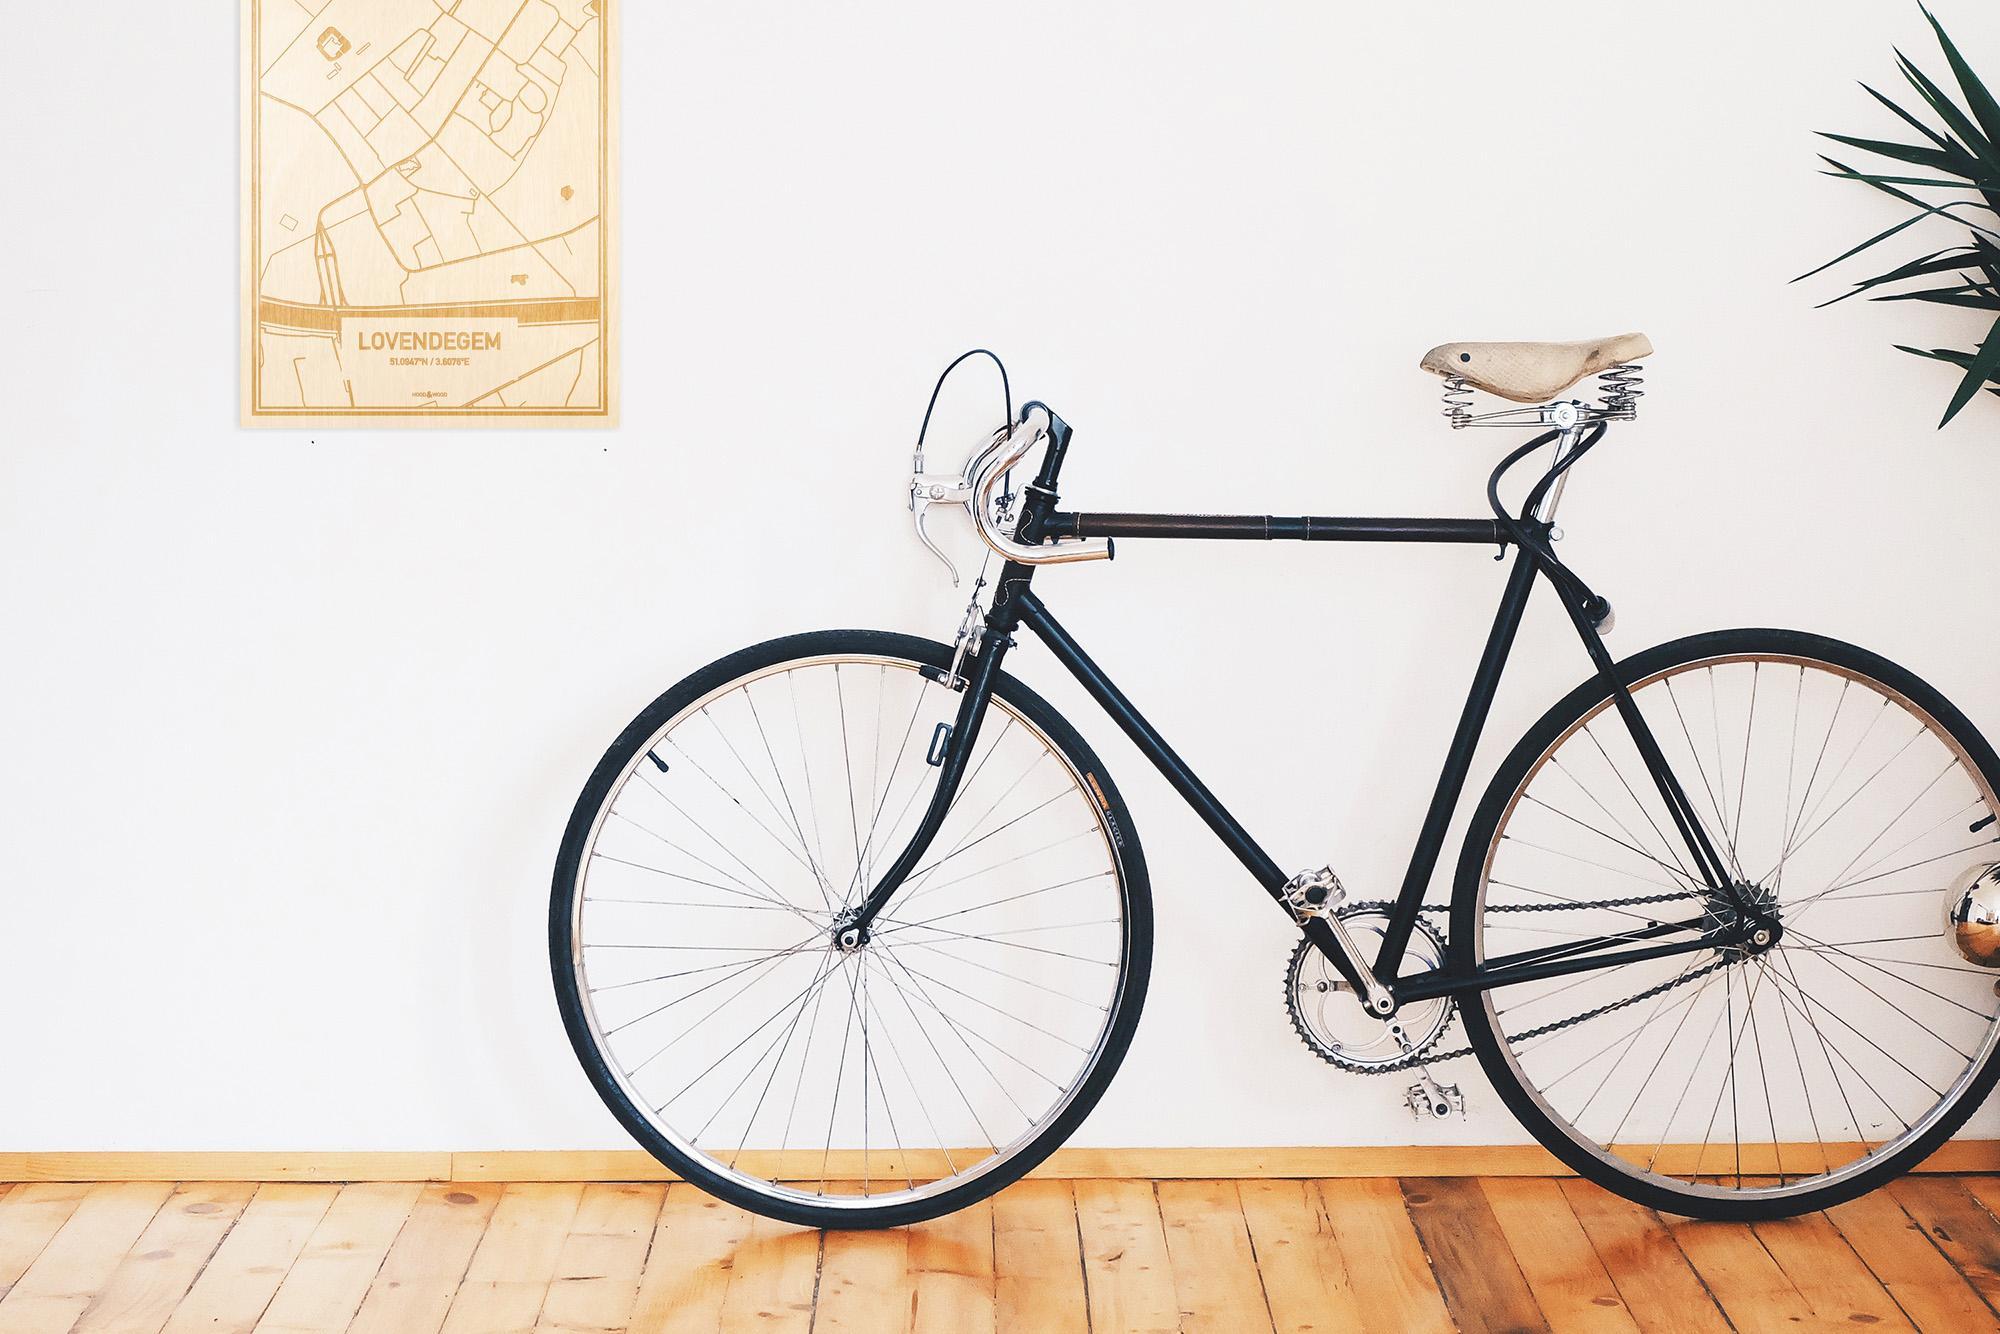 Een snelle fiets in een uniek interieur in Oost-Vlaanderen  met mooie decoratie zoals de plattegrond Lovendegem.